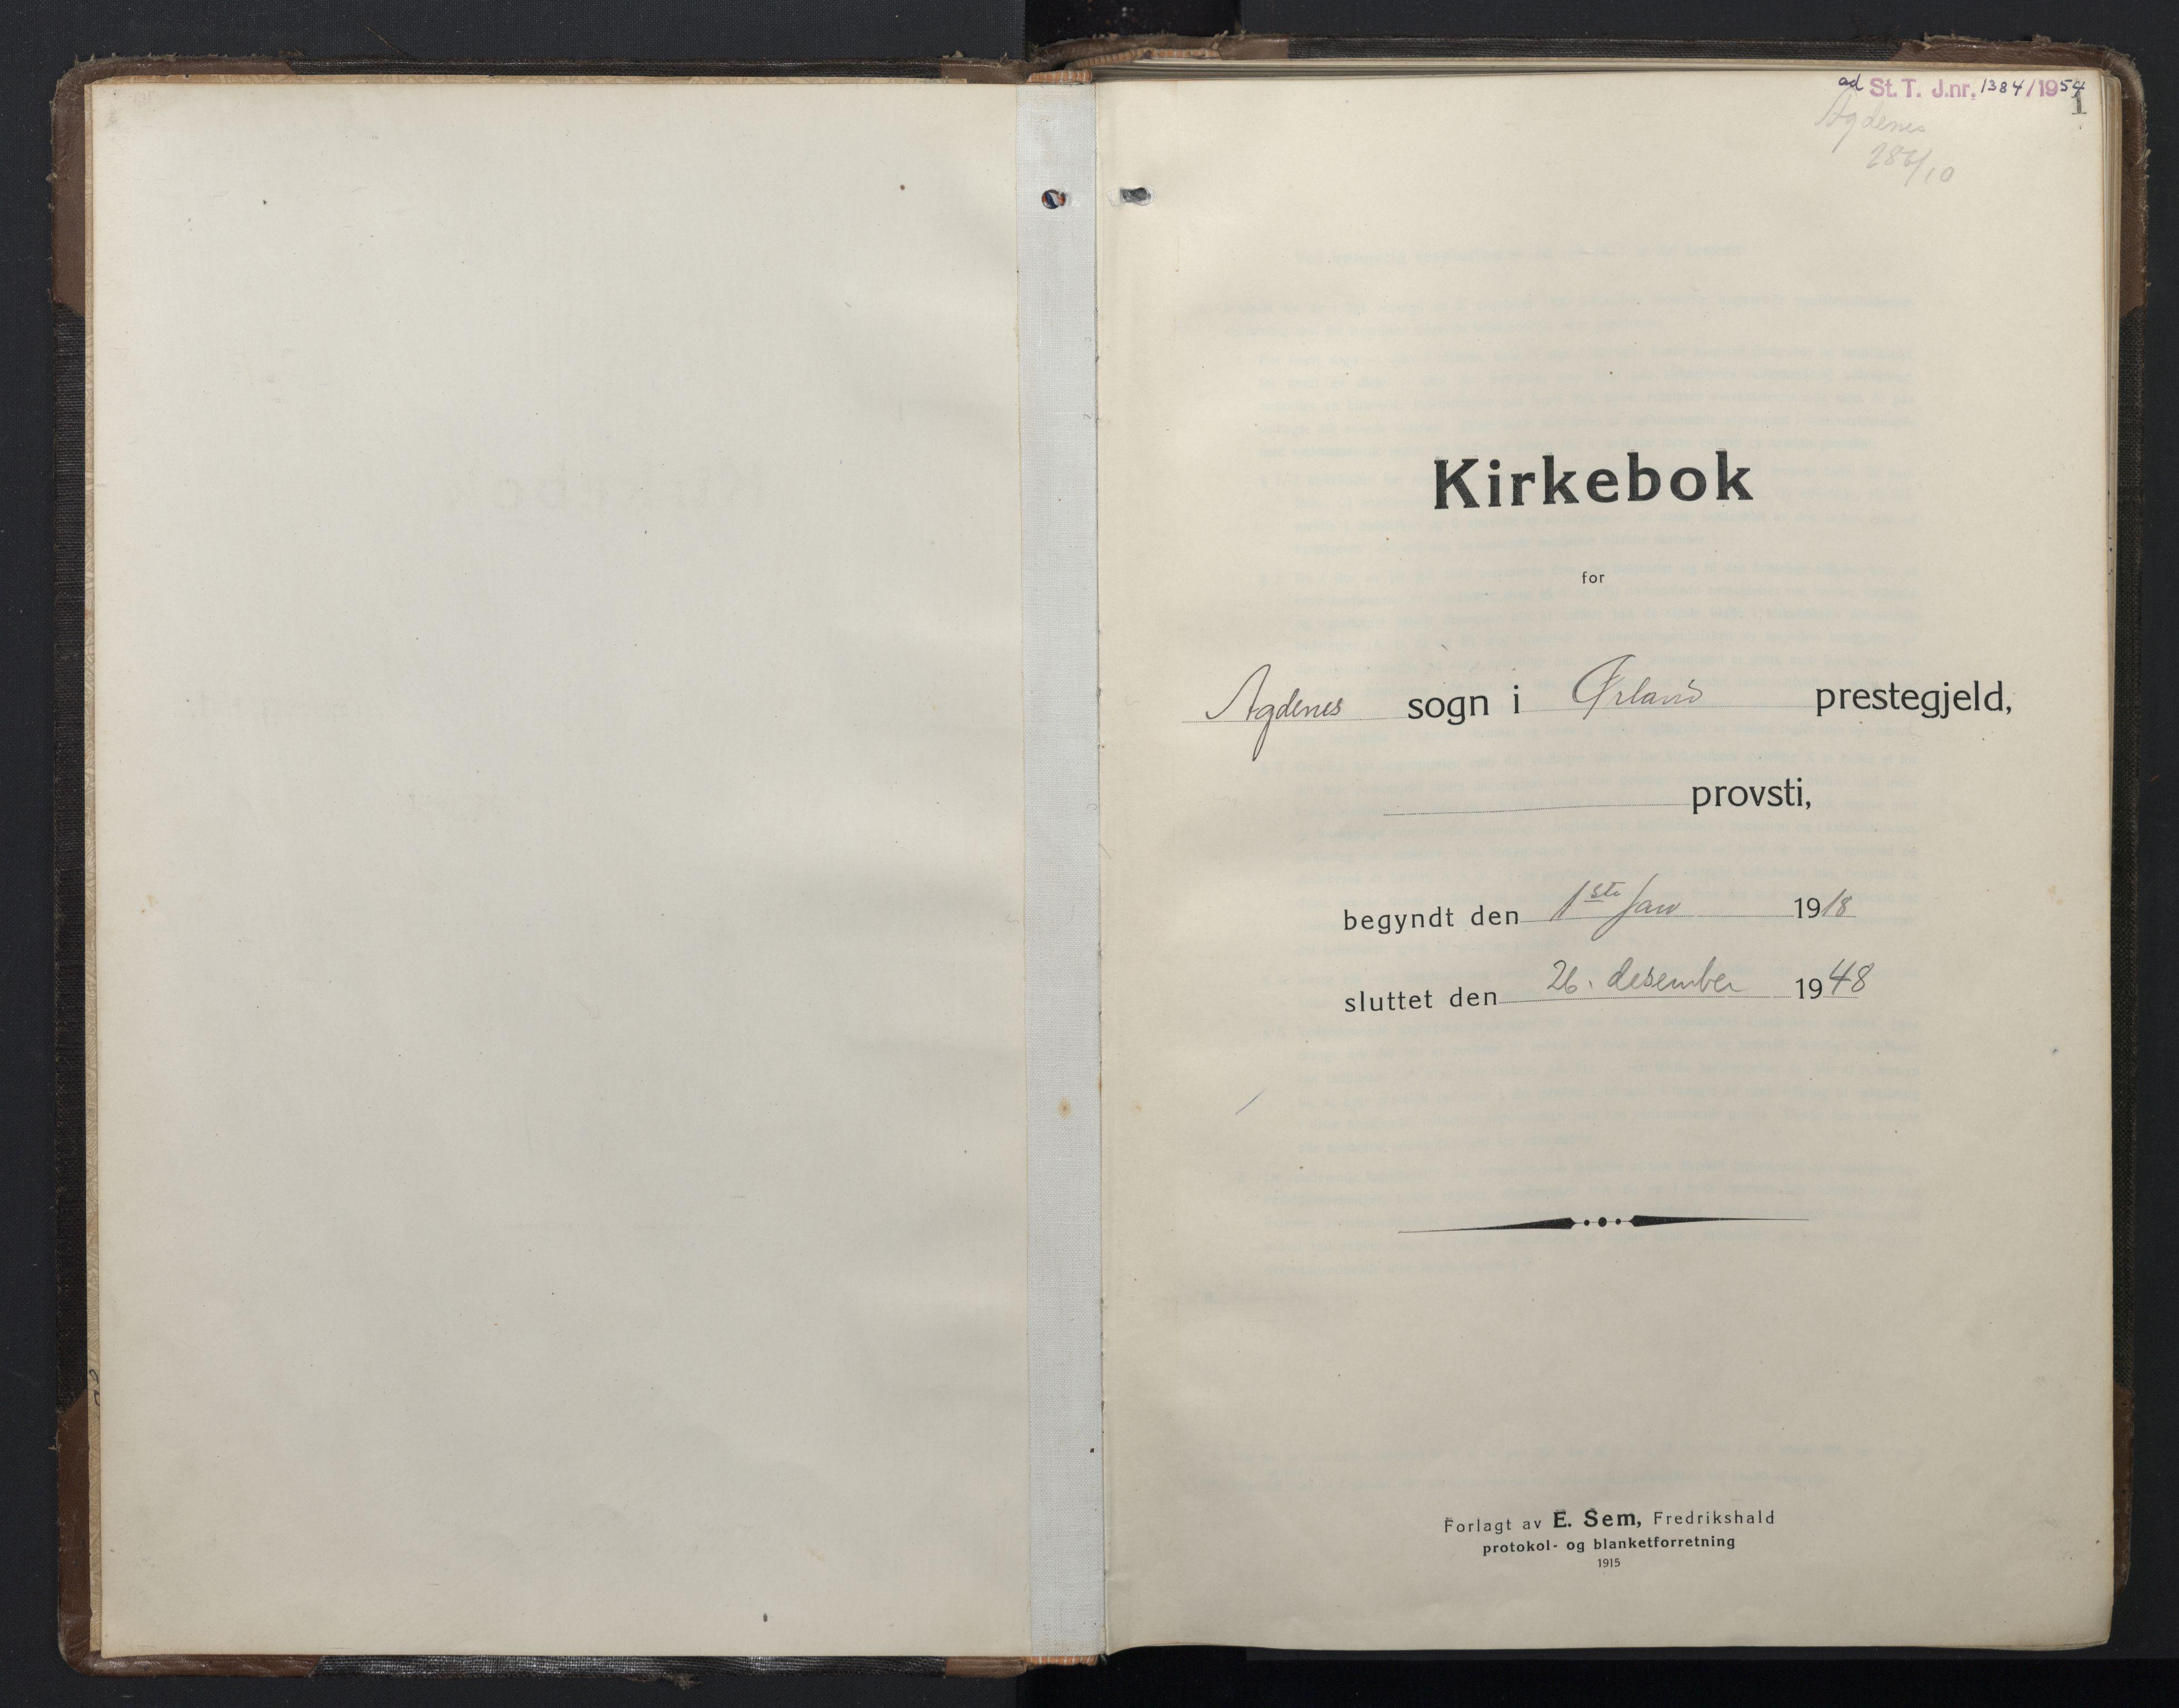 SAT, Ministerialprotokoller, klokkerbøker og fødselsregistre - Sør-Trøndelag, 662/L0758: Klokkerbok nr. 662C03, 1918-1948, s. 1